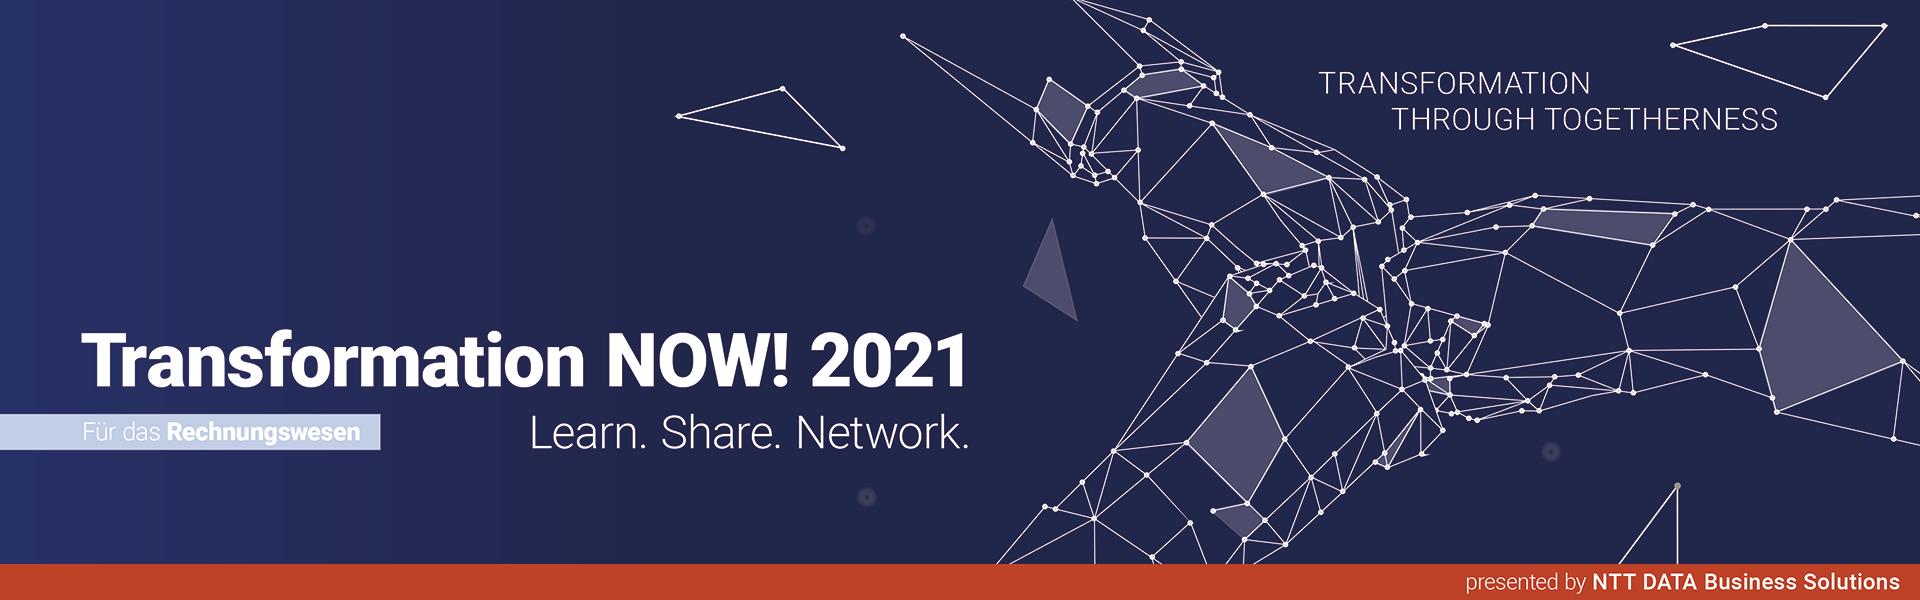 Transformation NOW! 2021 für das Rechnungswesen